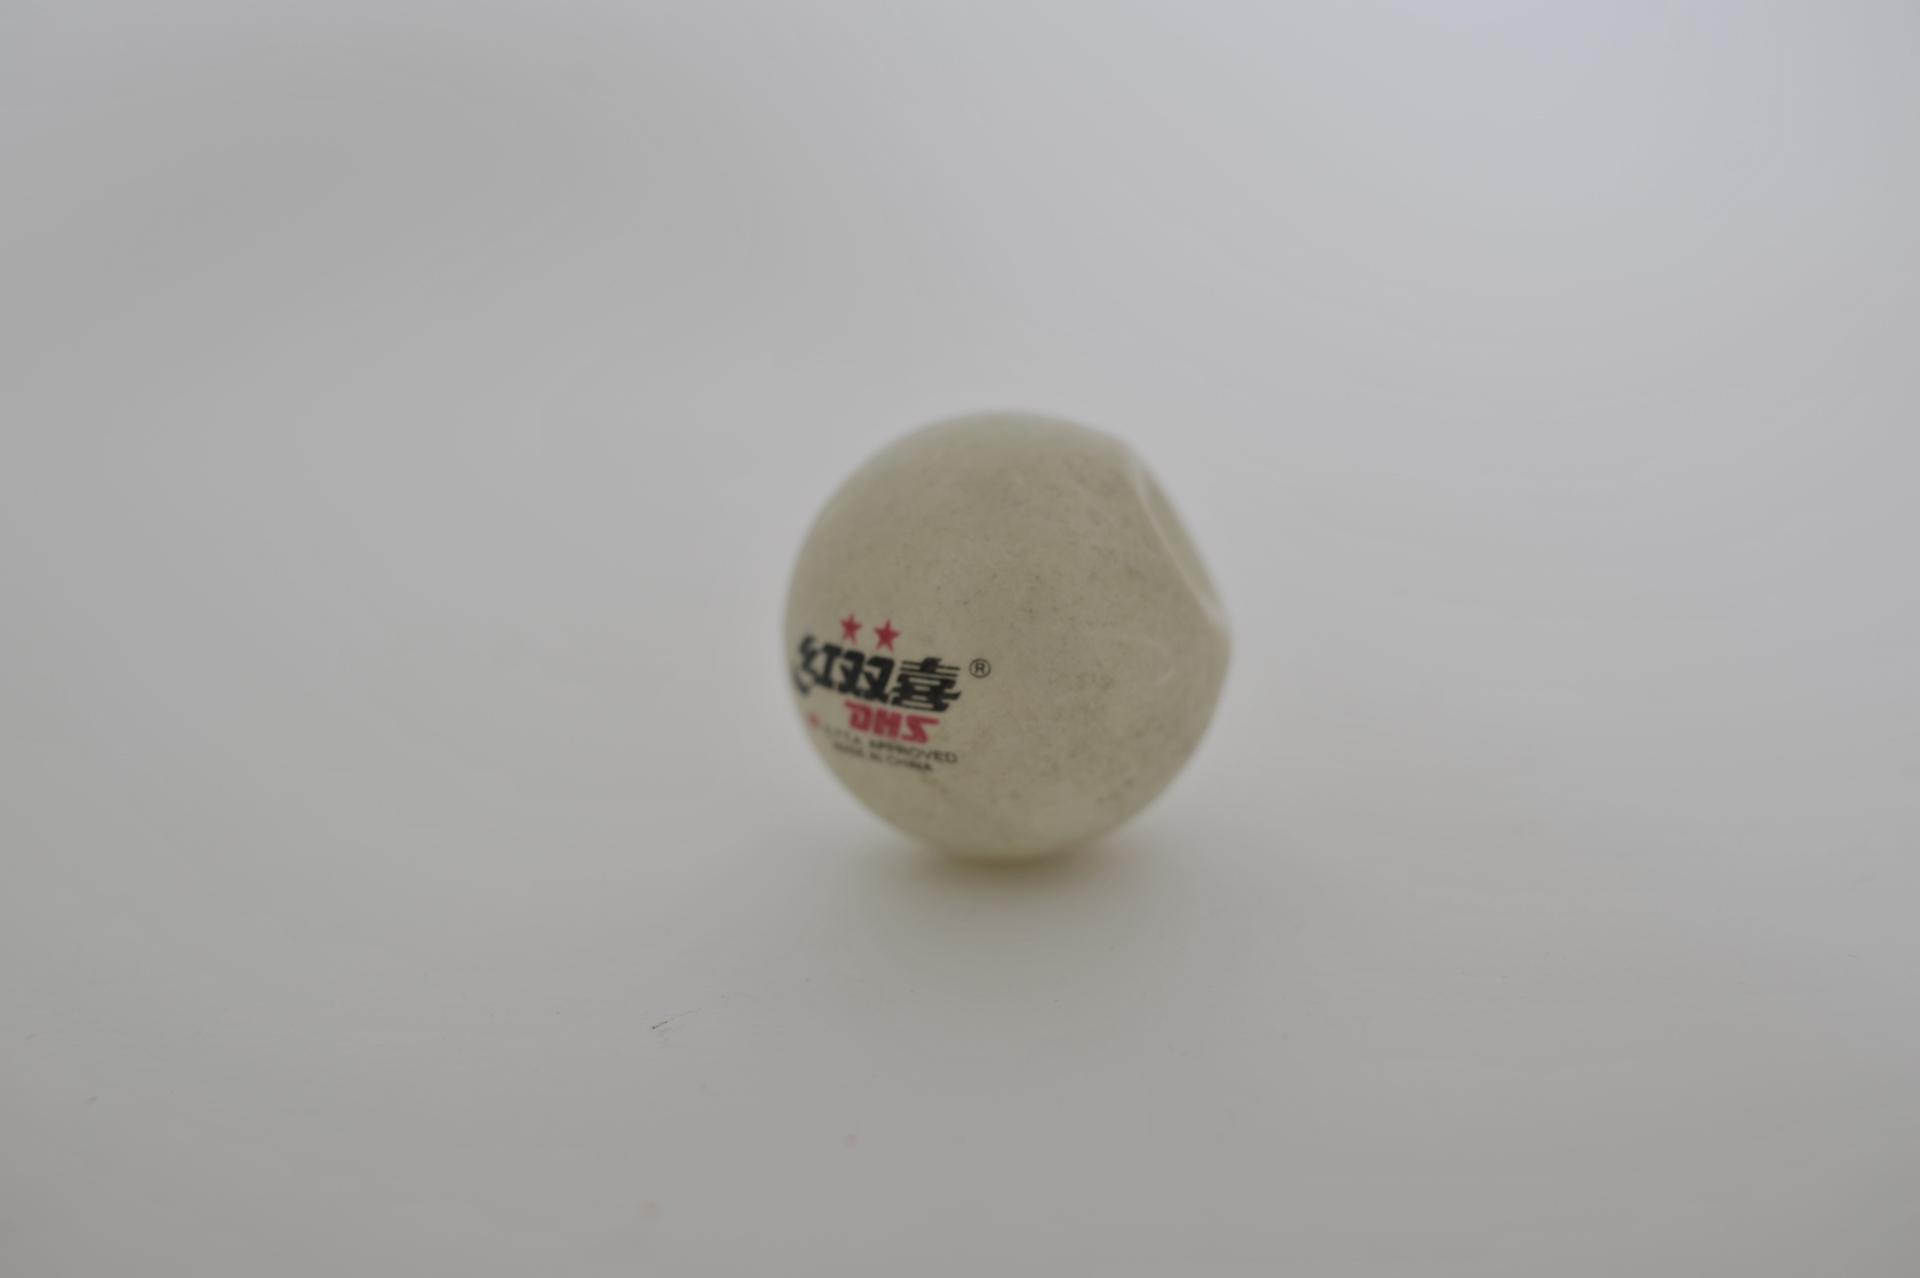 64. pallina da ping pong ammaccata